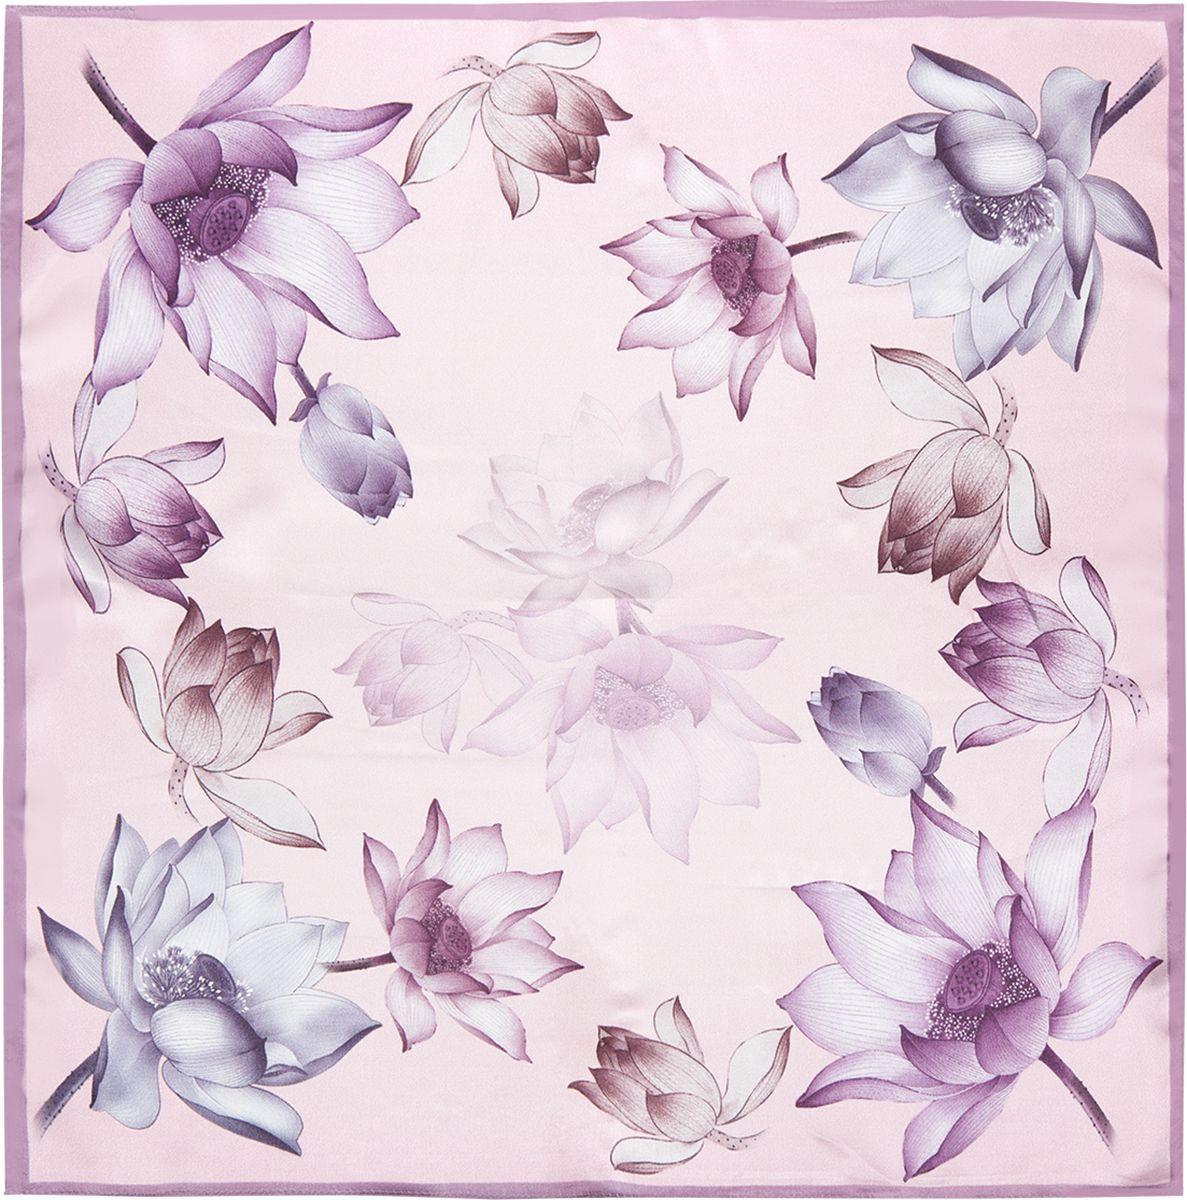 Платок женский Eleganzza, цвет: лиловый. SS03-7876. Размер 55 см х 55 смSS03-7876Платок Eleganzza выполнен из шелка. Модель оформлена цветочным принтом. Классическая квадратная форма позволяет носить платок на шее, украшать им прическу или декорировать сумочку.